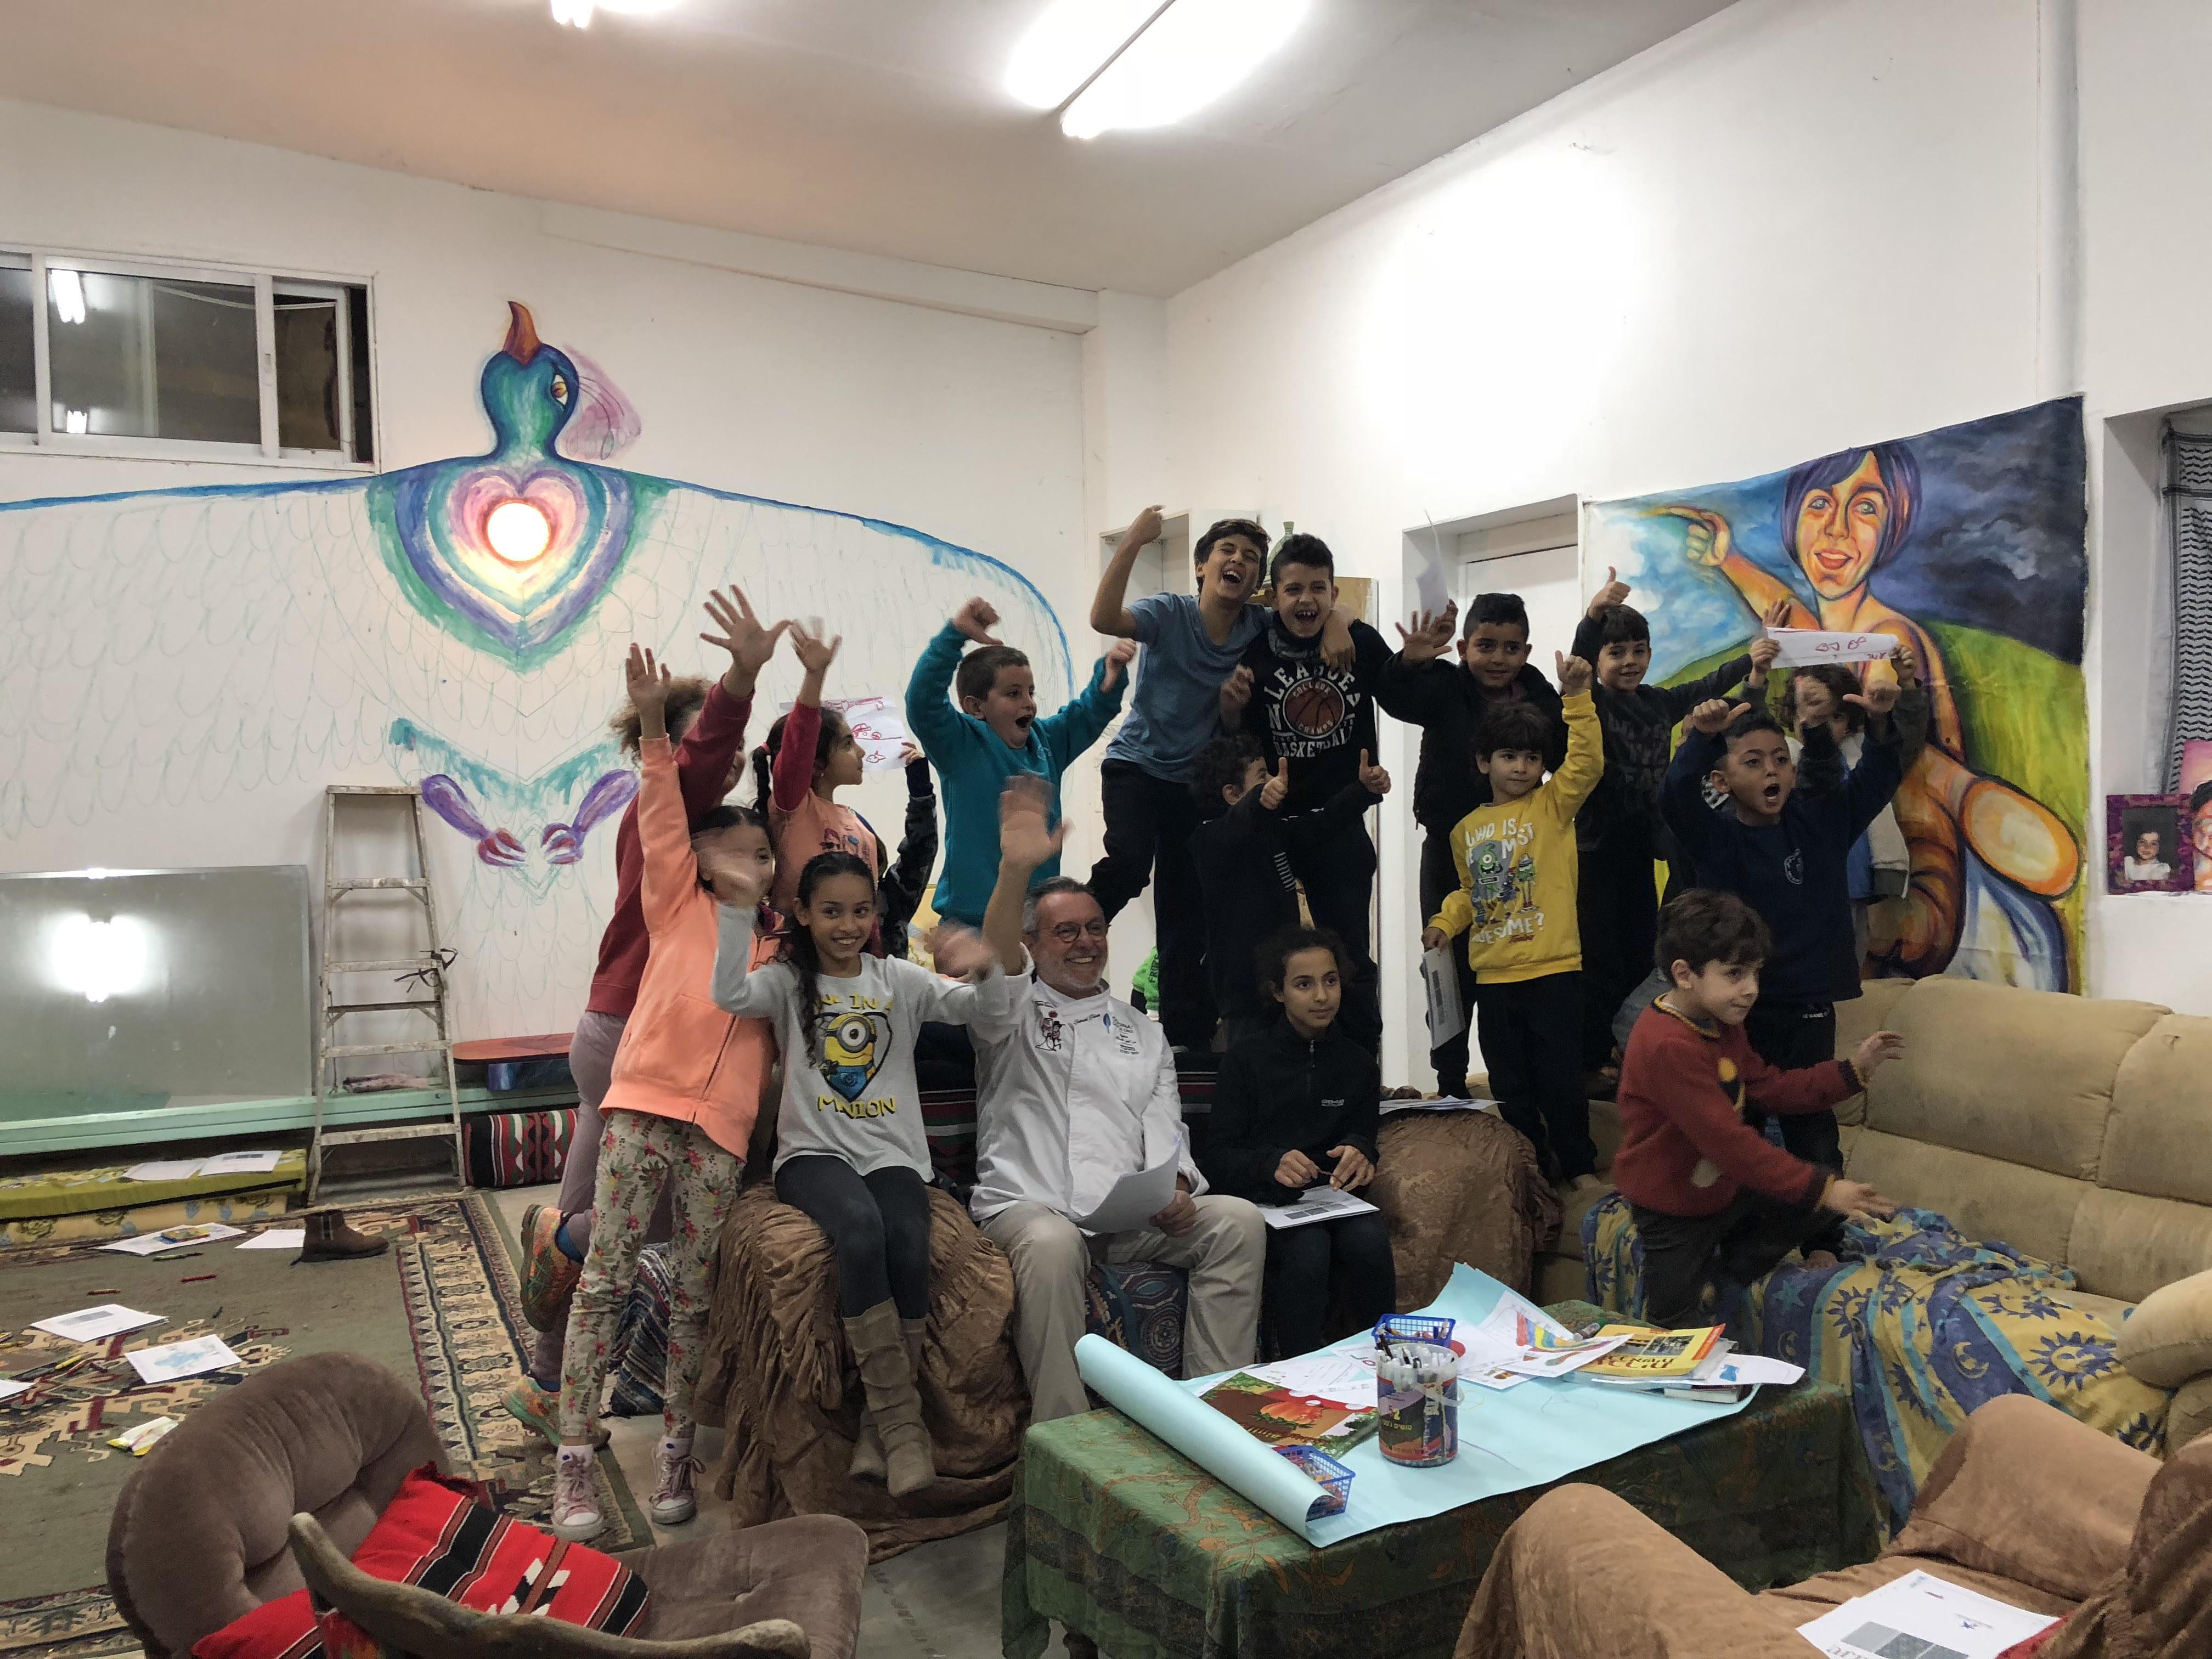 Niños de la aldea Wahat al-Salam Neve Shalom, donde conviven en paz judíos y musulmanes de Israel